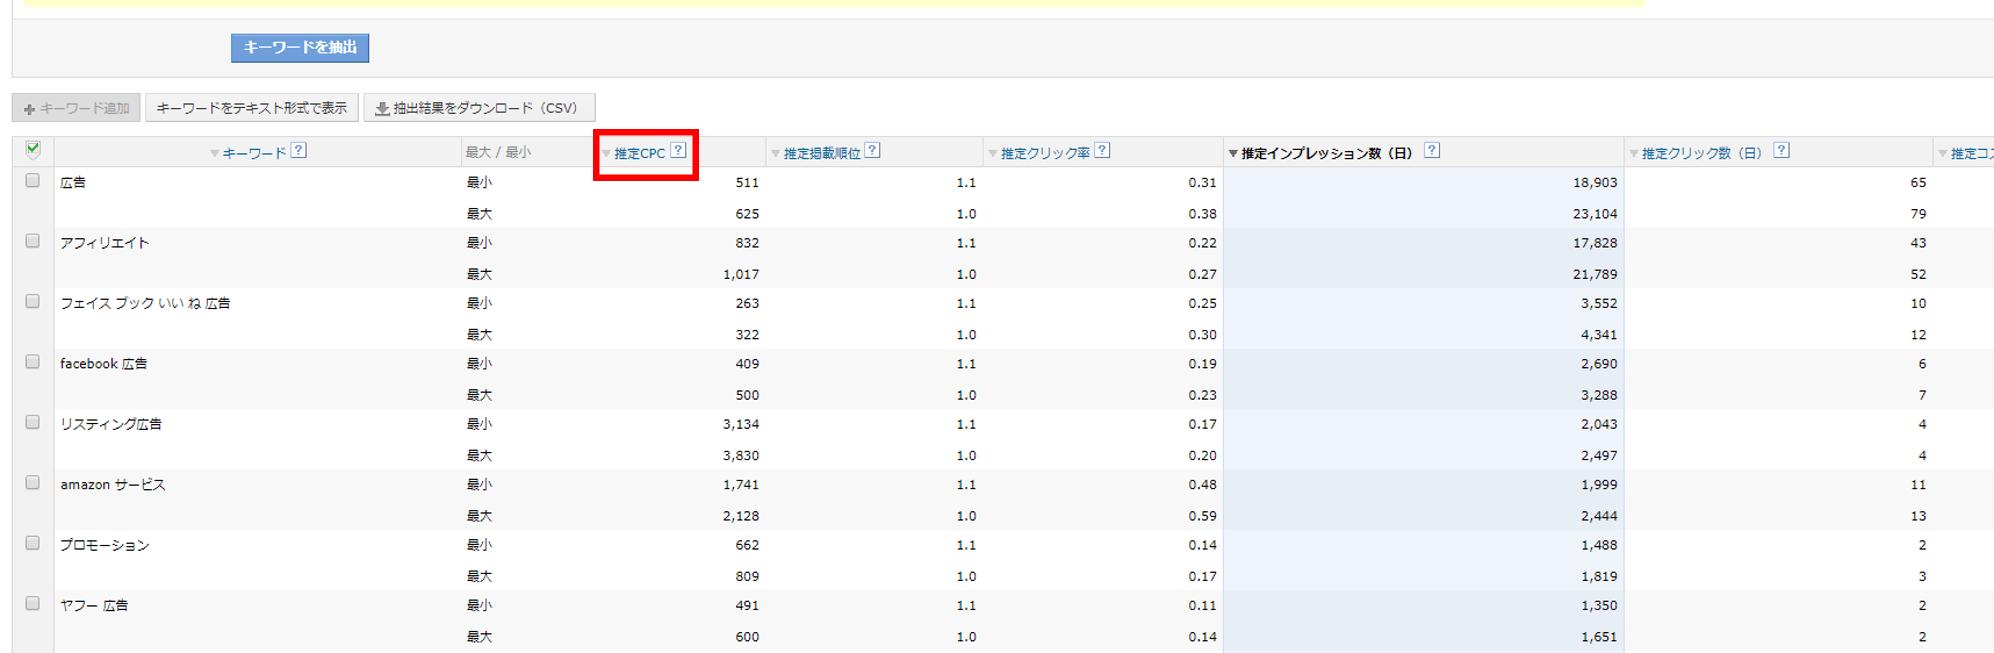 クリック単価Yahoo!版